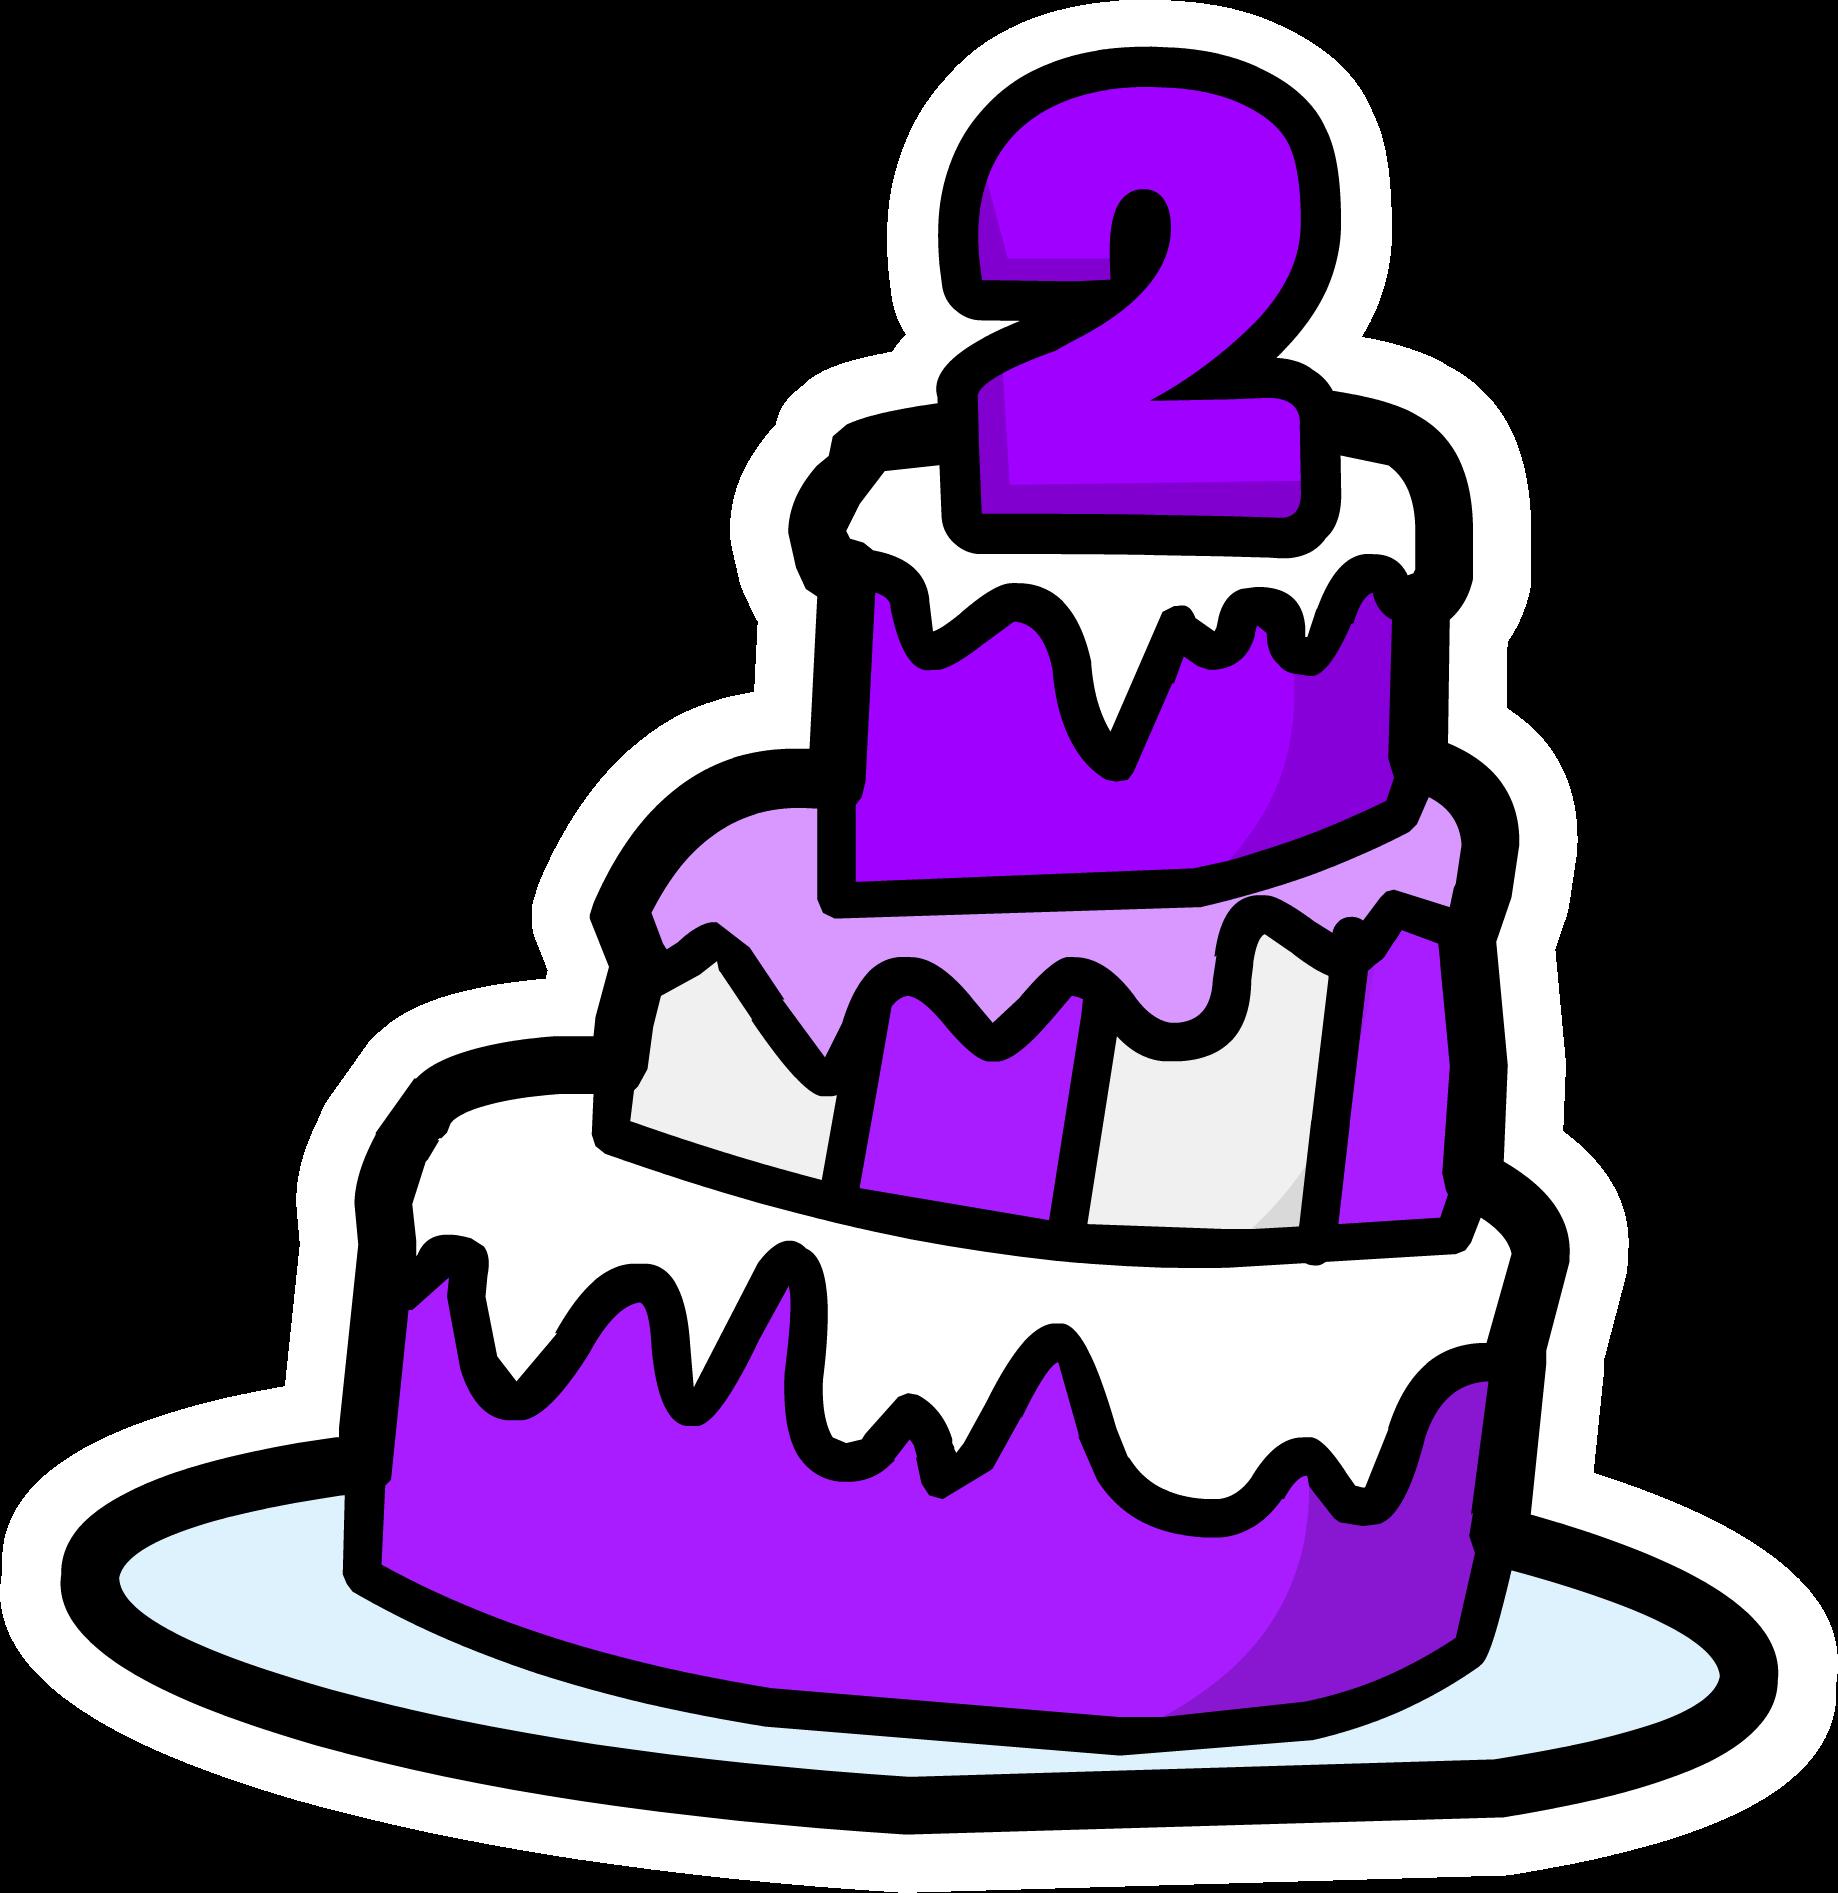 2nd Anniversary Cake Pin